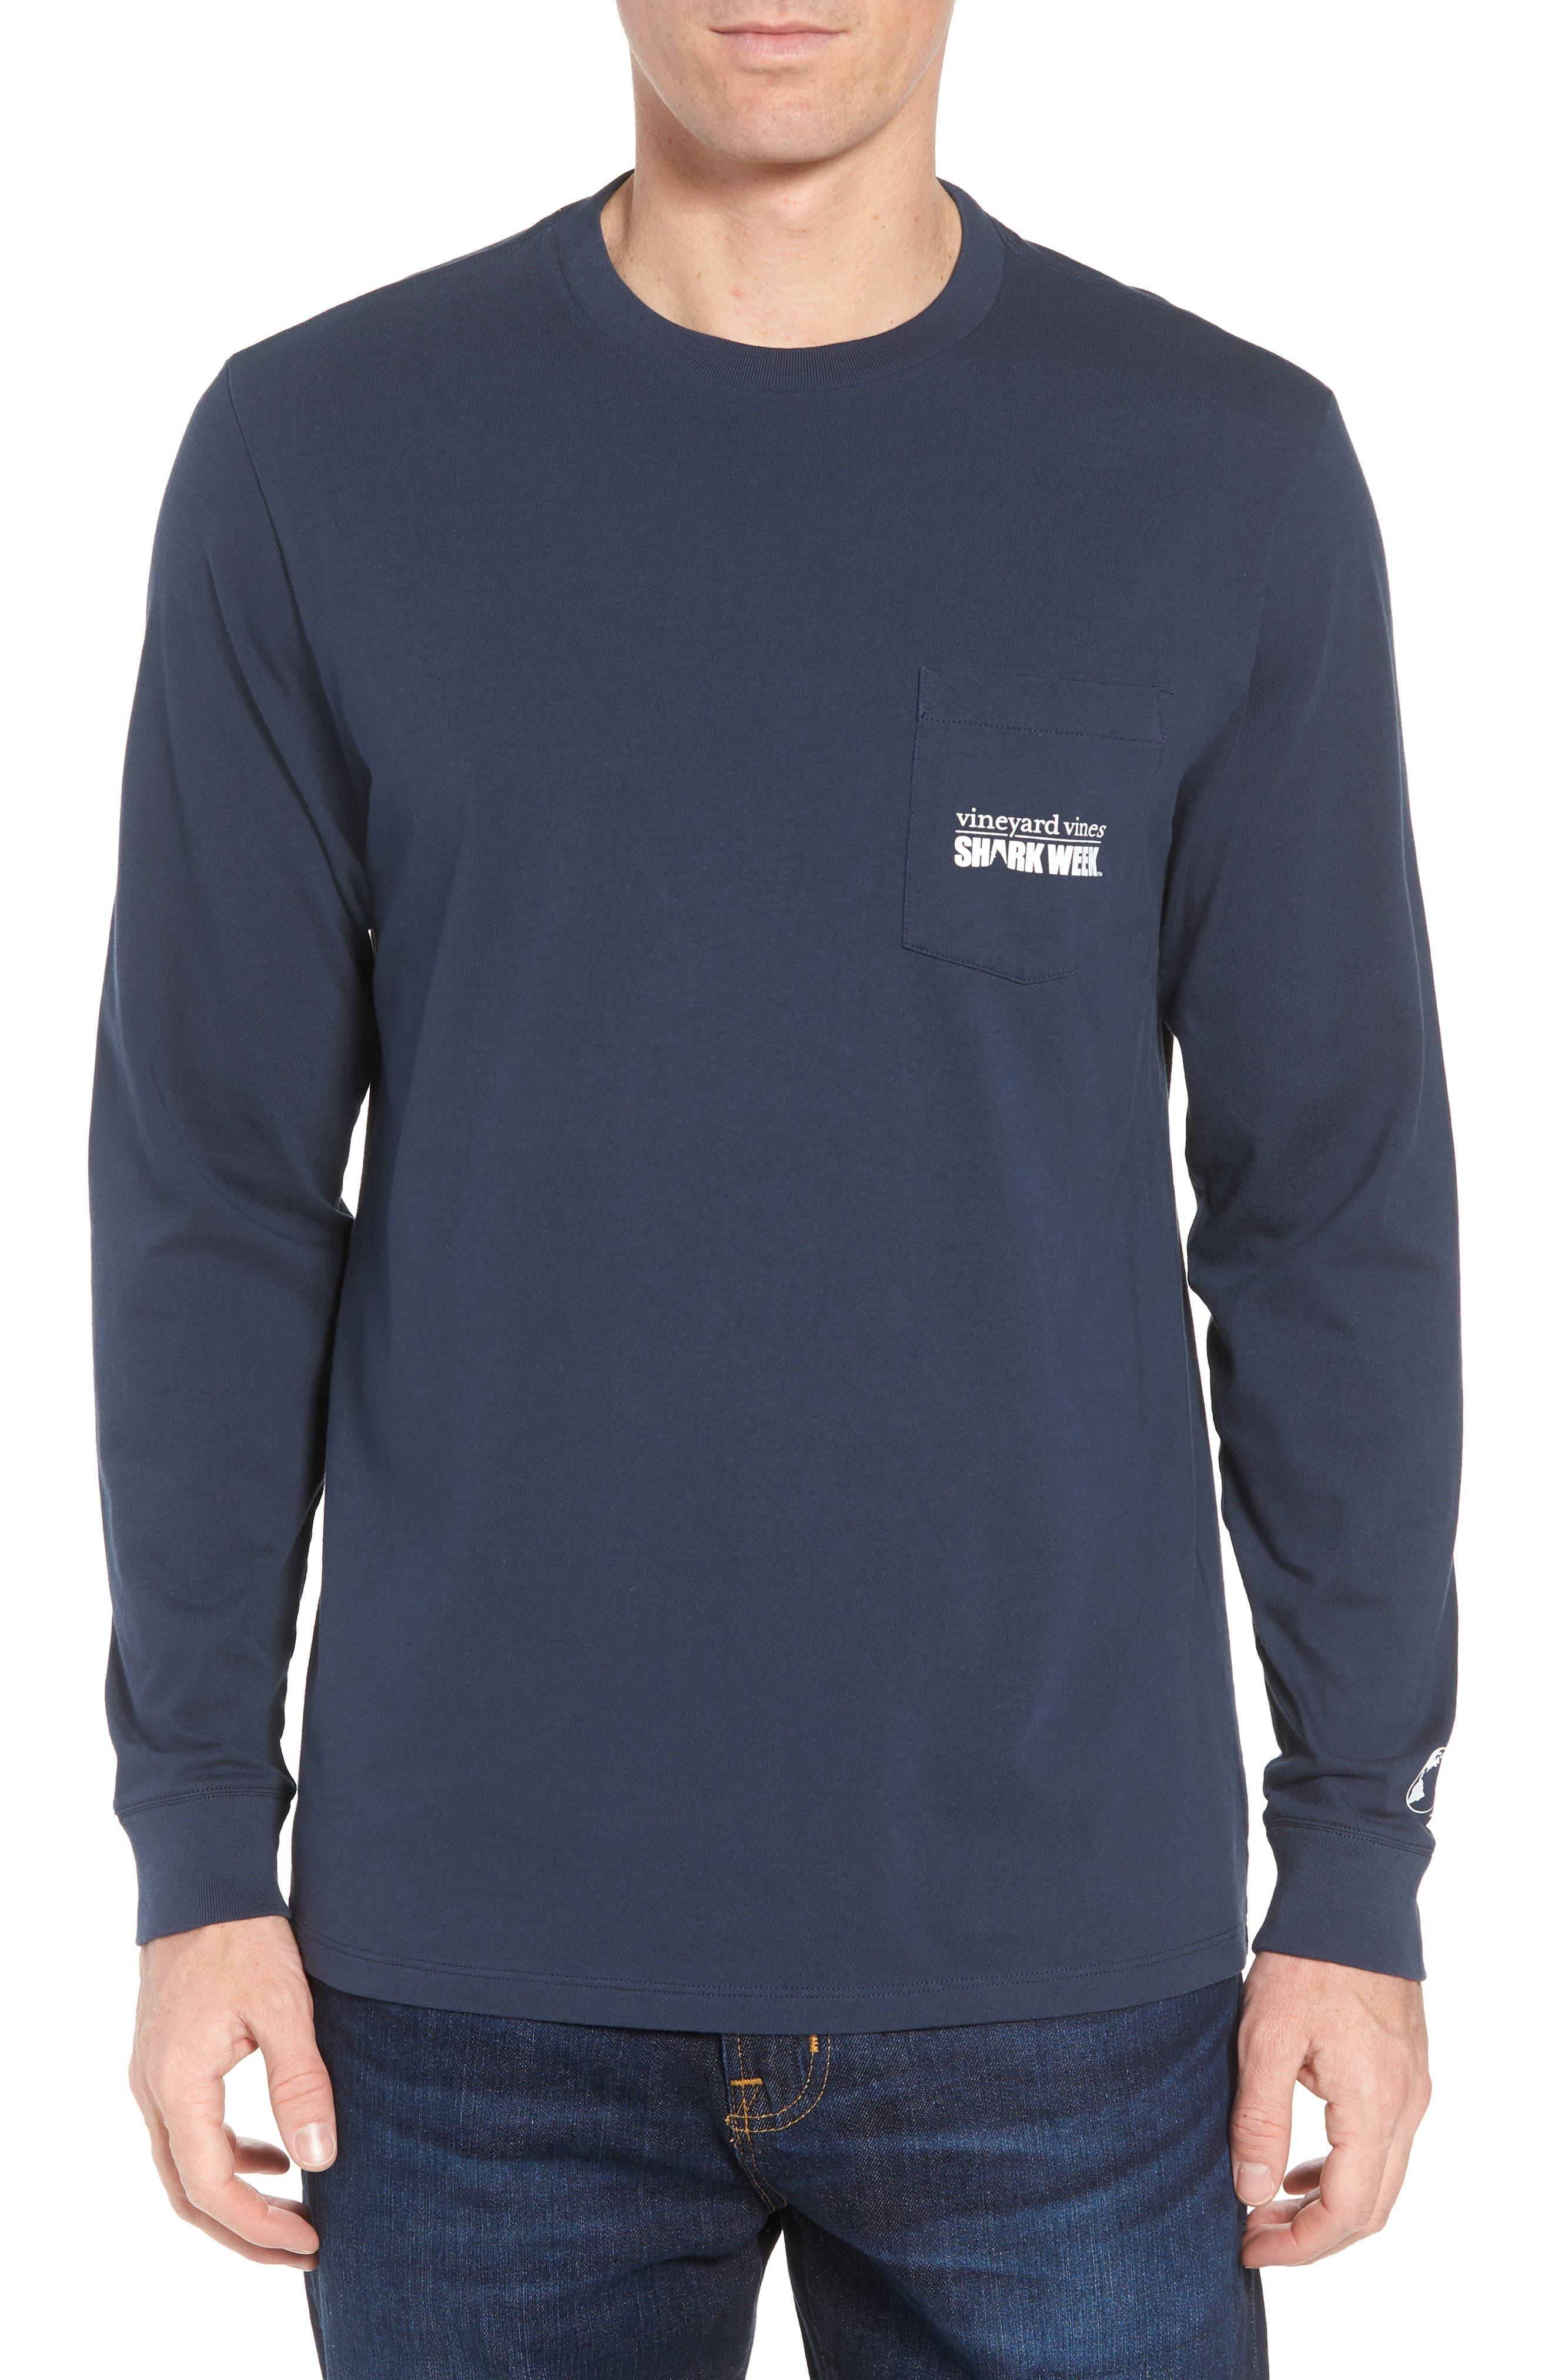 x Shark Week<sup>™</sup> Logo Long Sleeve Pocket T-Shirt,                             Main thumbnail 1, color,                             Vineyard Navy